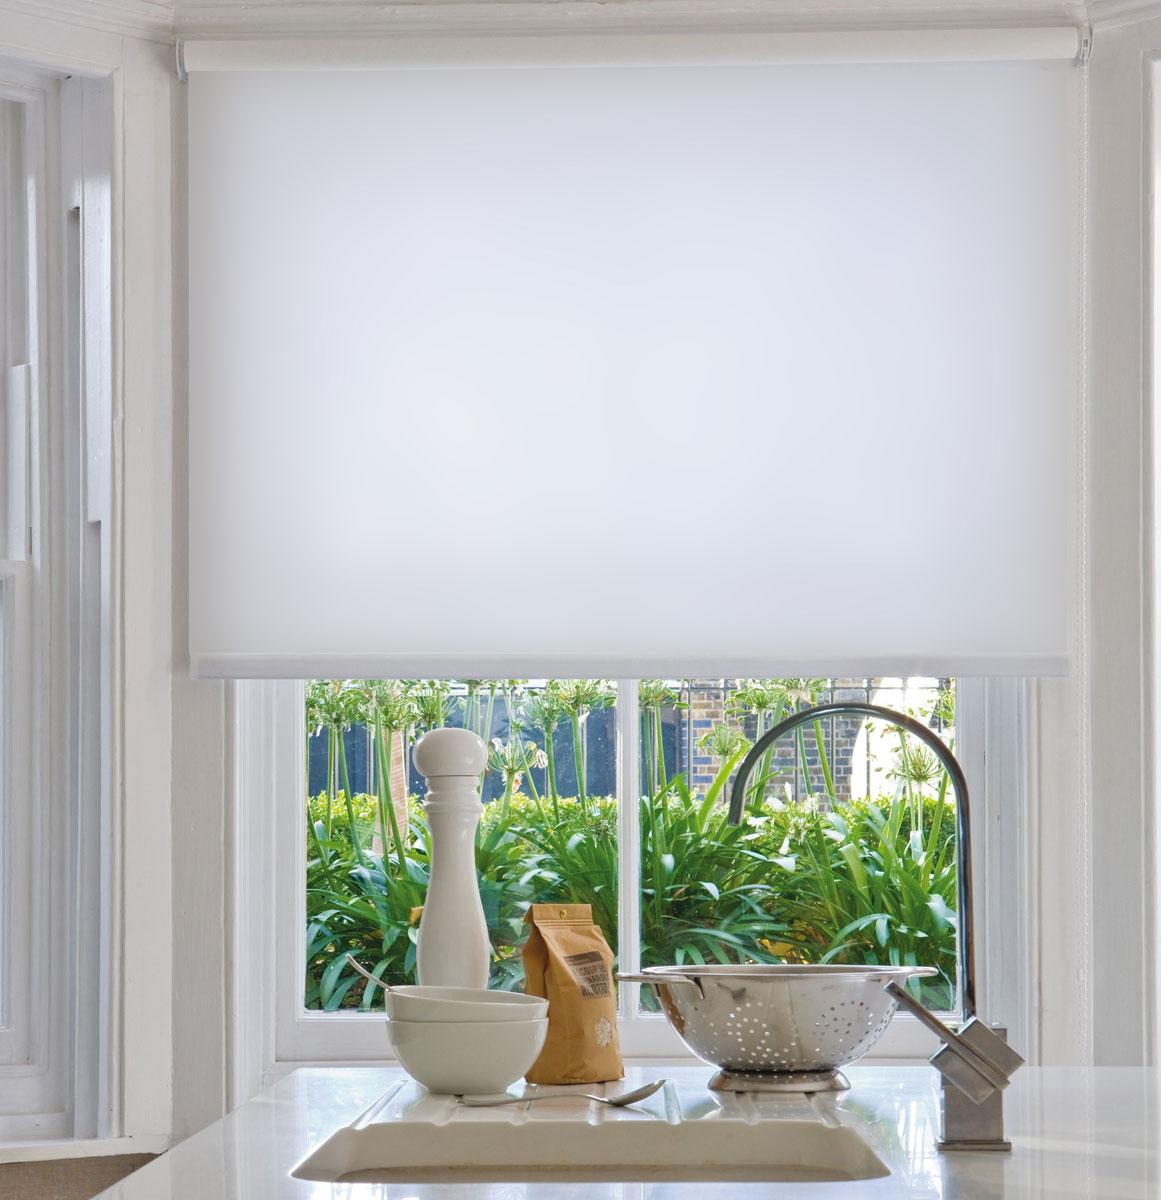 Миниролло KauffOrt 43х170 см, светонепроницаемая, цвет: белый94043007Рулонная штора Миниролло выполнена из высокопрочной полностью светонепроницаемой ткани белого цвета, которая сохраняет свой размер даже при намокании. Ткань не выцветает и обладает отличной цветоустойчивостью. Миниролло - это подвид рулонных штор, который закрывает не весь оконный проем, а непосредственно само стекло. Такие шторы крепятся на раму без сверления при помощи зажимов или клейкой двухсторонней ленты. Окно остаётся на гарантии, благодаря монтажу без сверления. Такая штора станет прекрасным элементом декора окна и гармонично впишется в интерьер любого помещения.